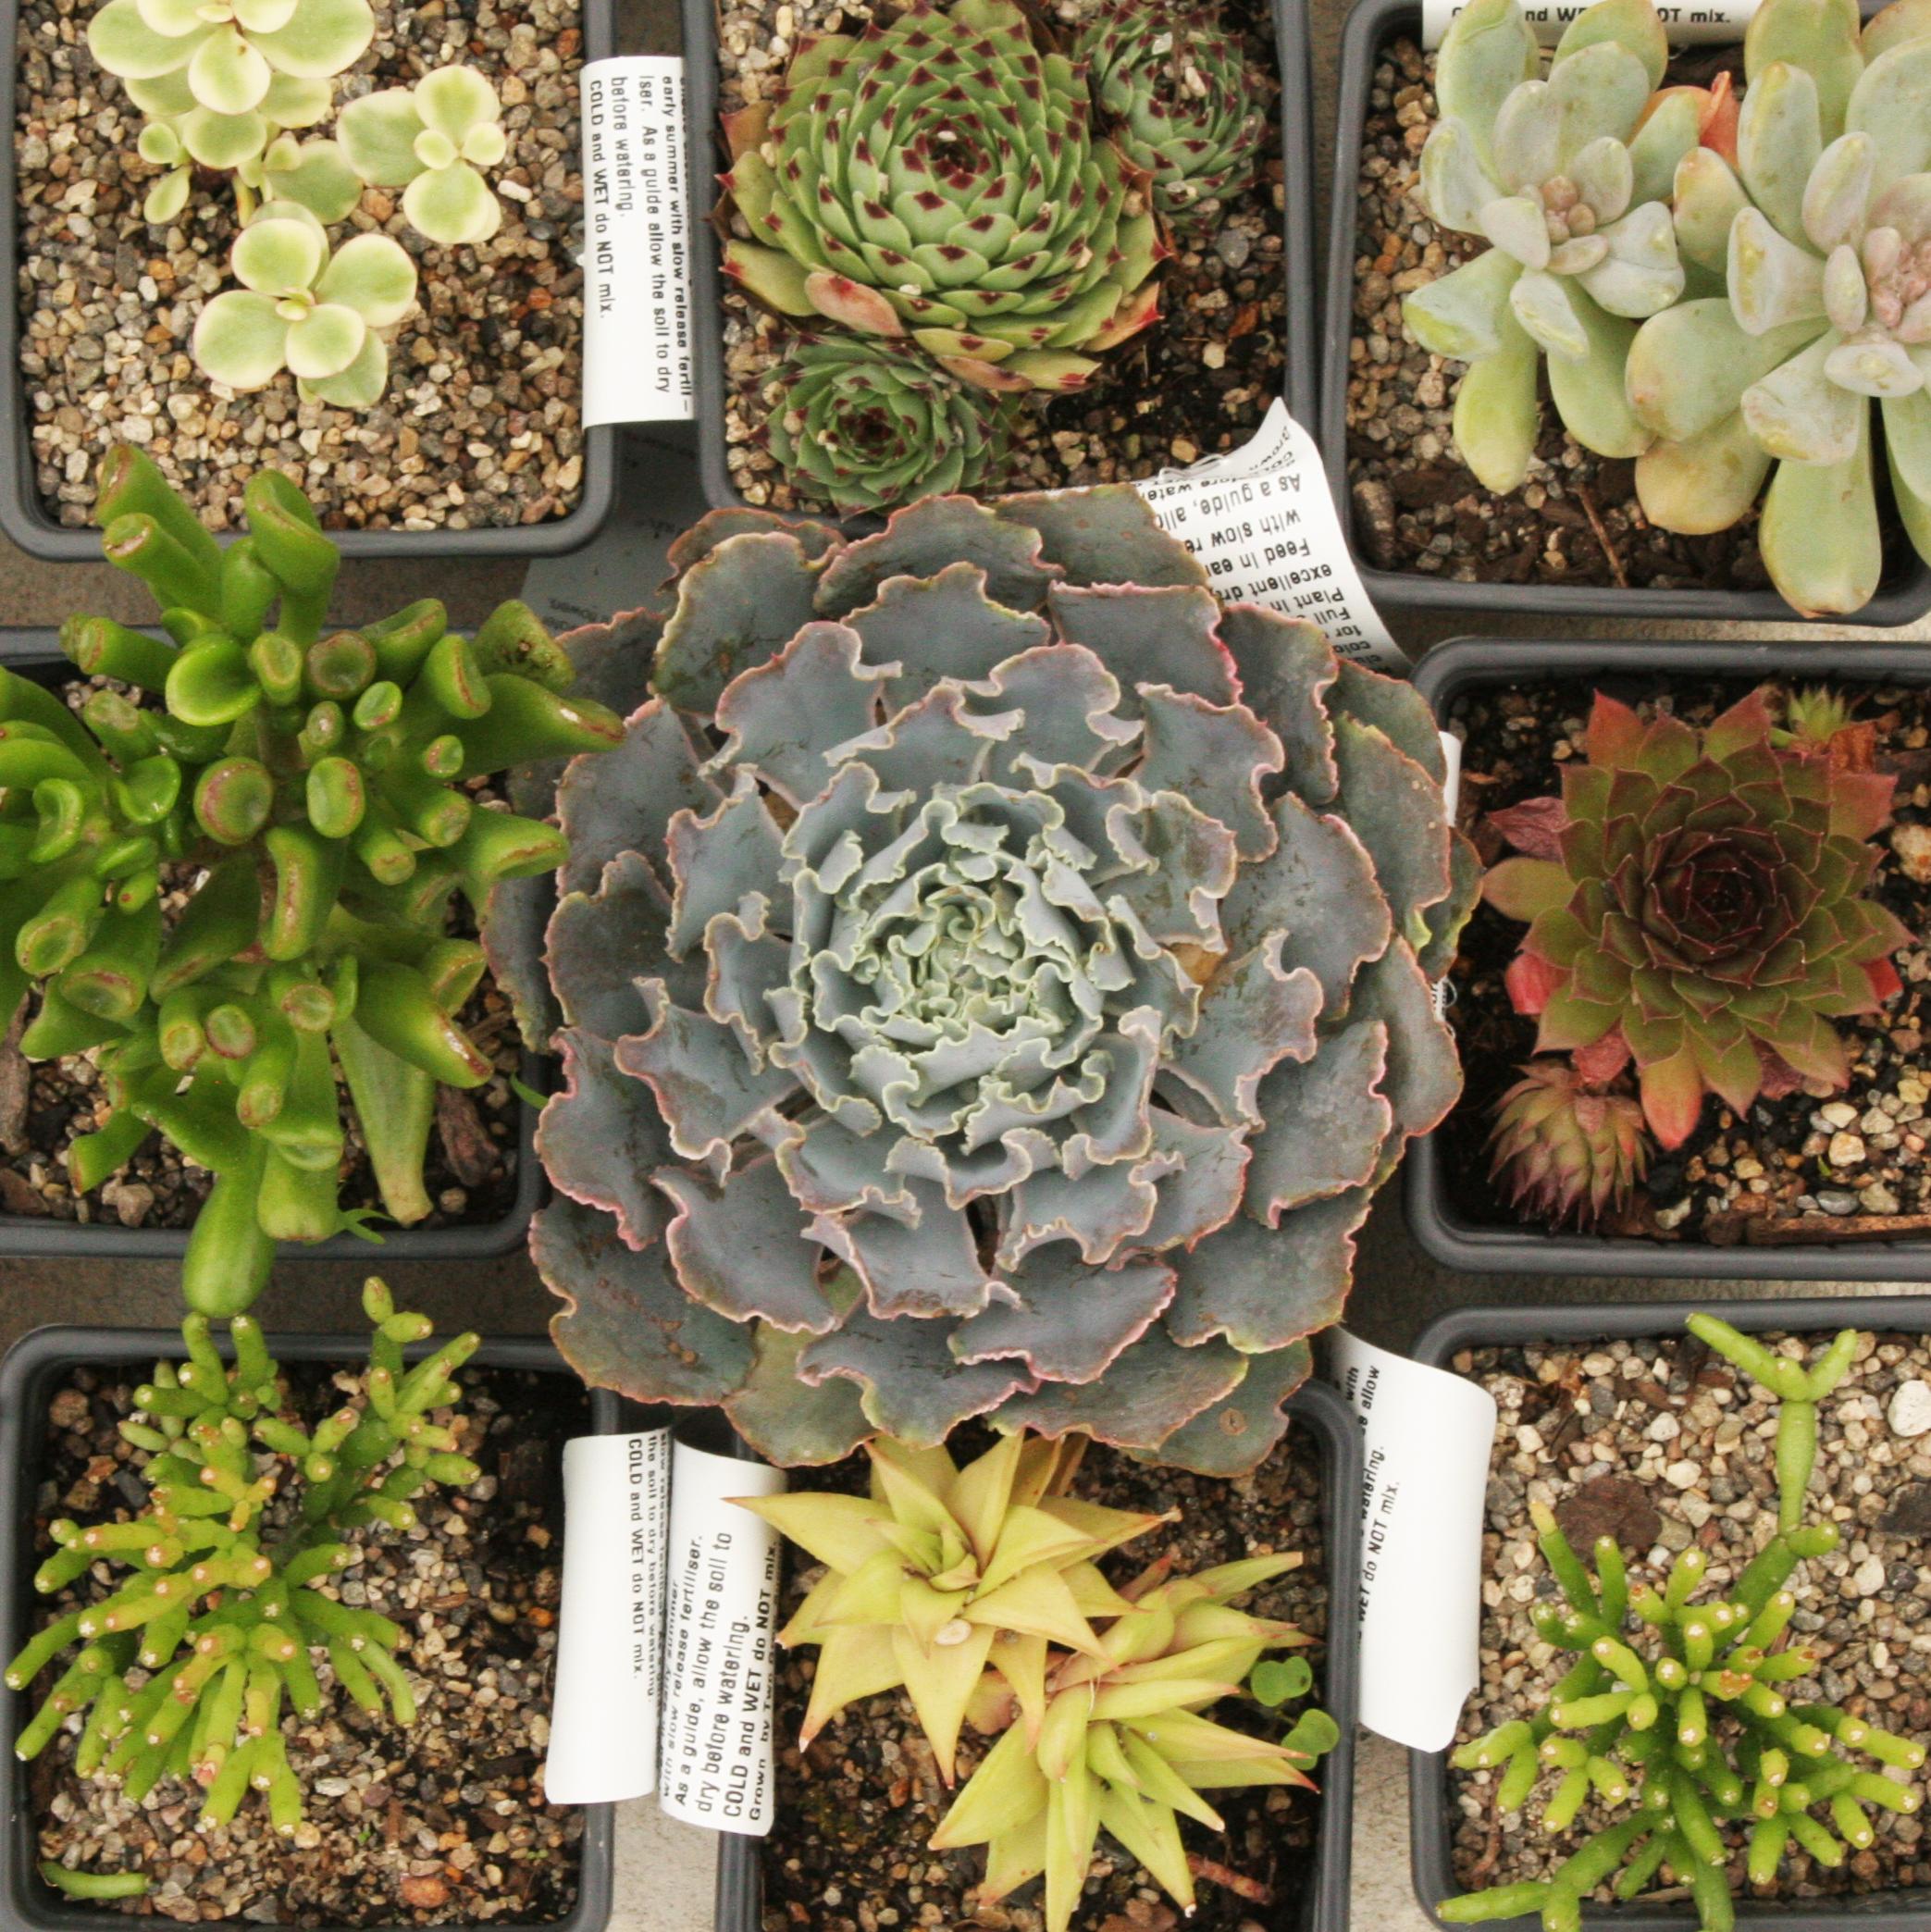 6cm Succulents4 for $20 -